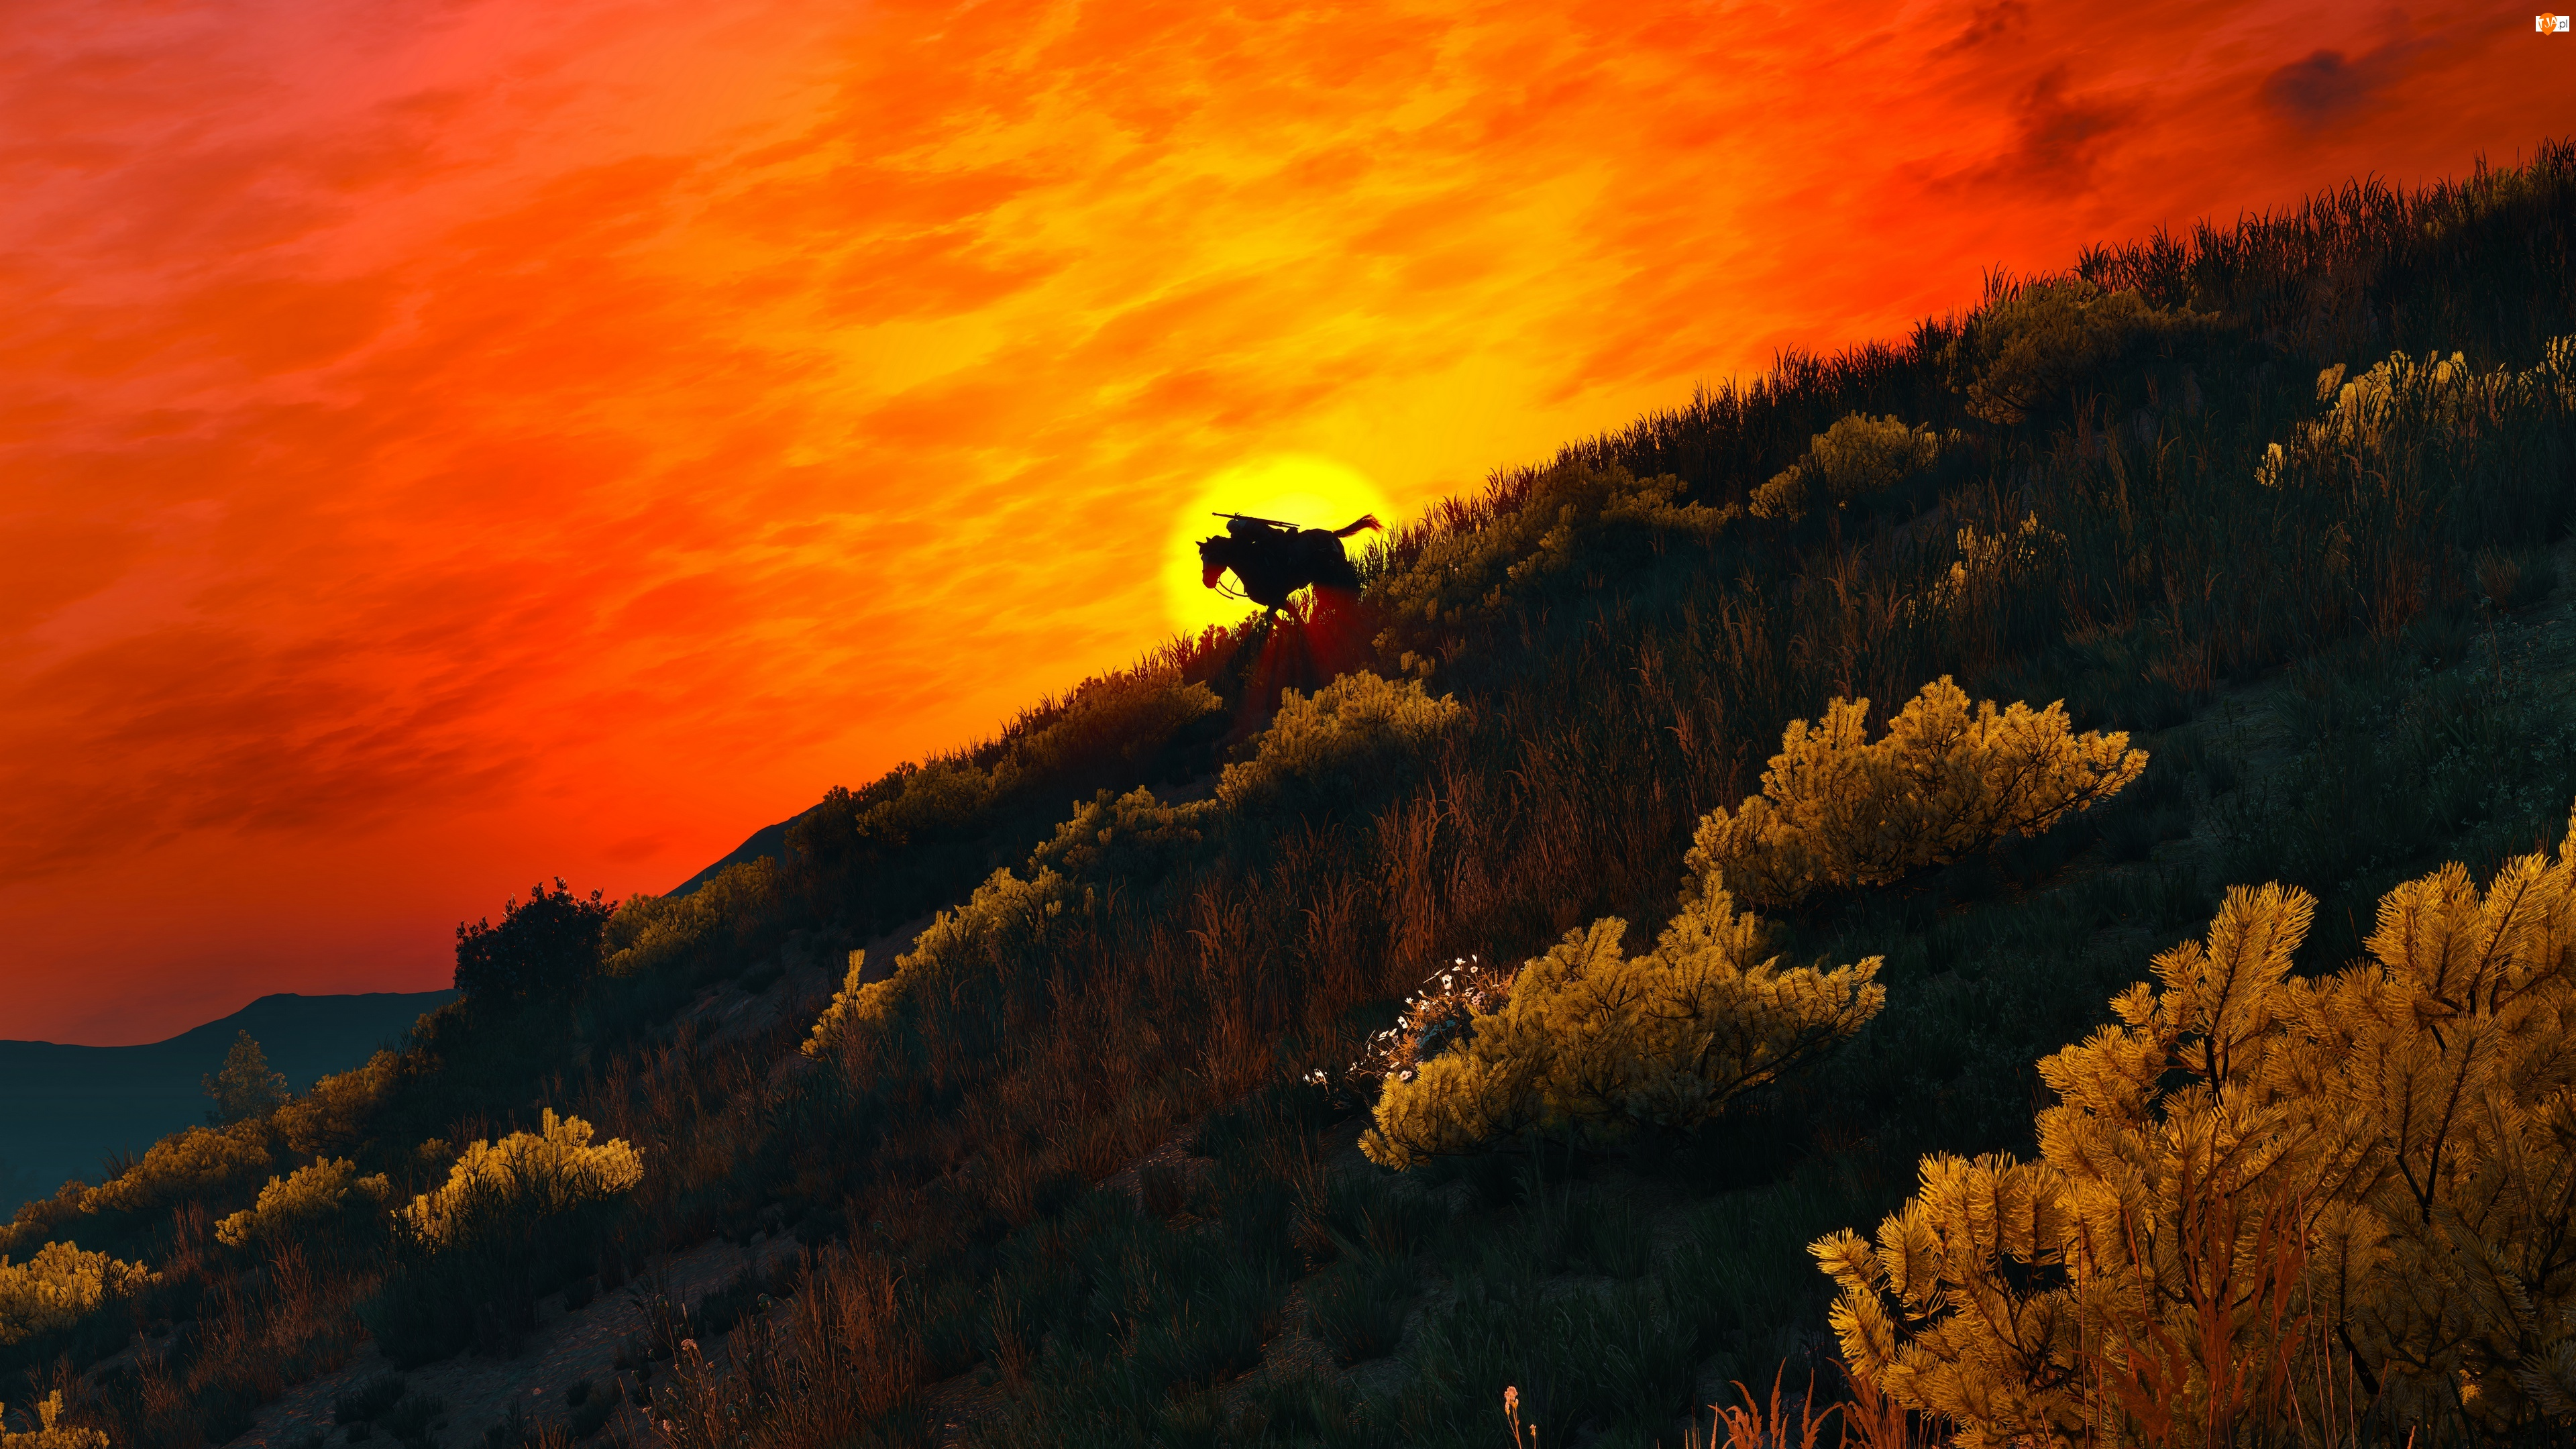 Zachód słońca, Gra, Jeździec, Wiedźmin 3 : Dziki Gon, Krajobraz